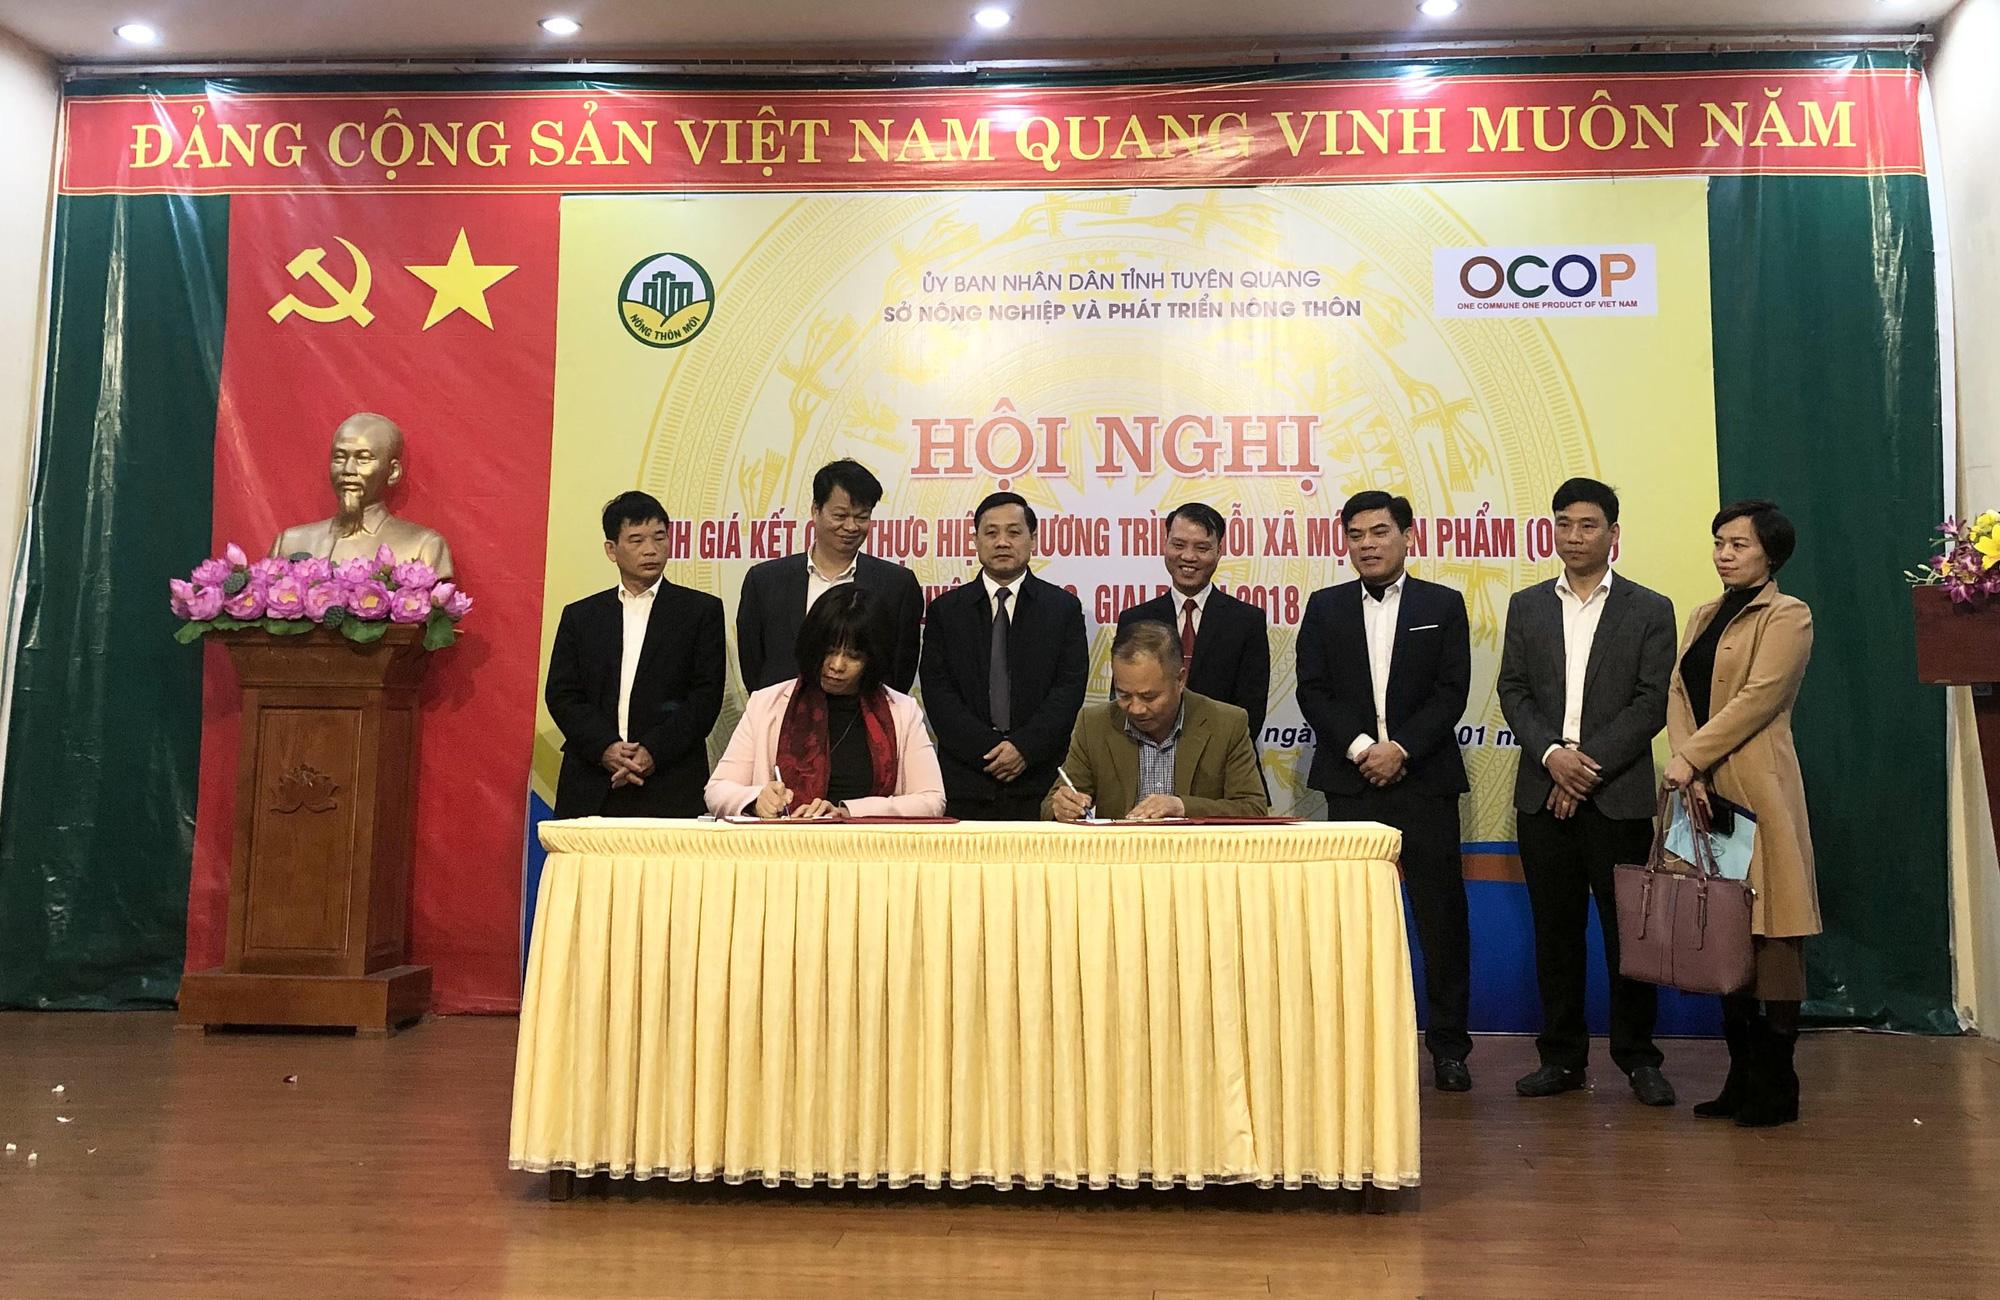 Tuyên Quang: Đứng thứ 5 so với các tỉnh miền núi phía Bắc về số sản phẩm đạt OCOP - Ảnh 6.